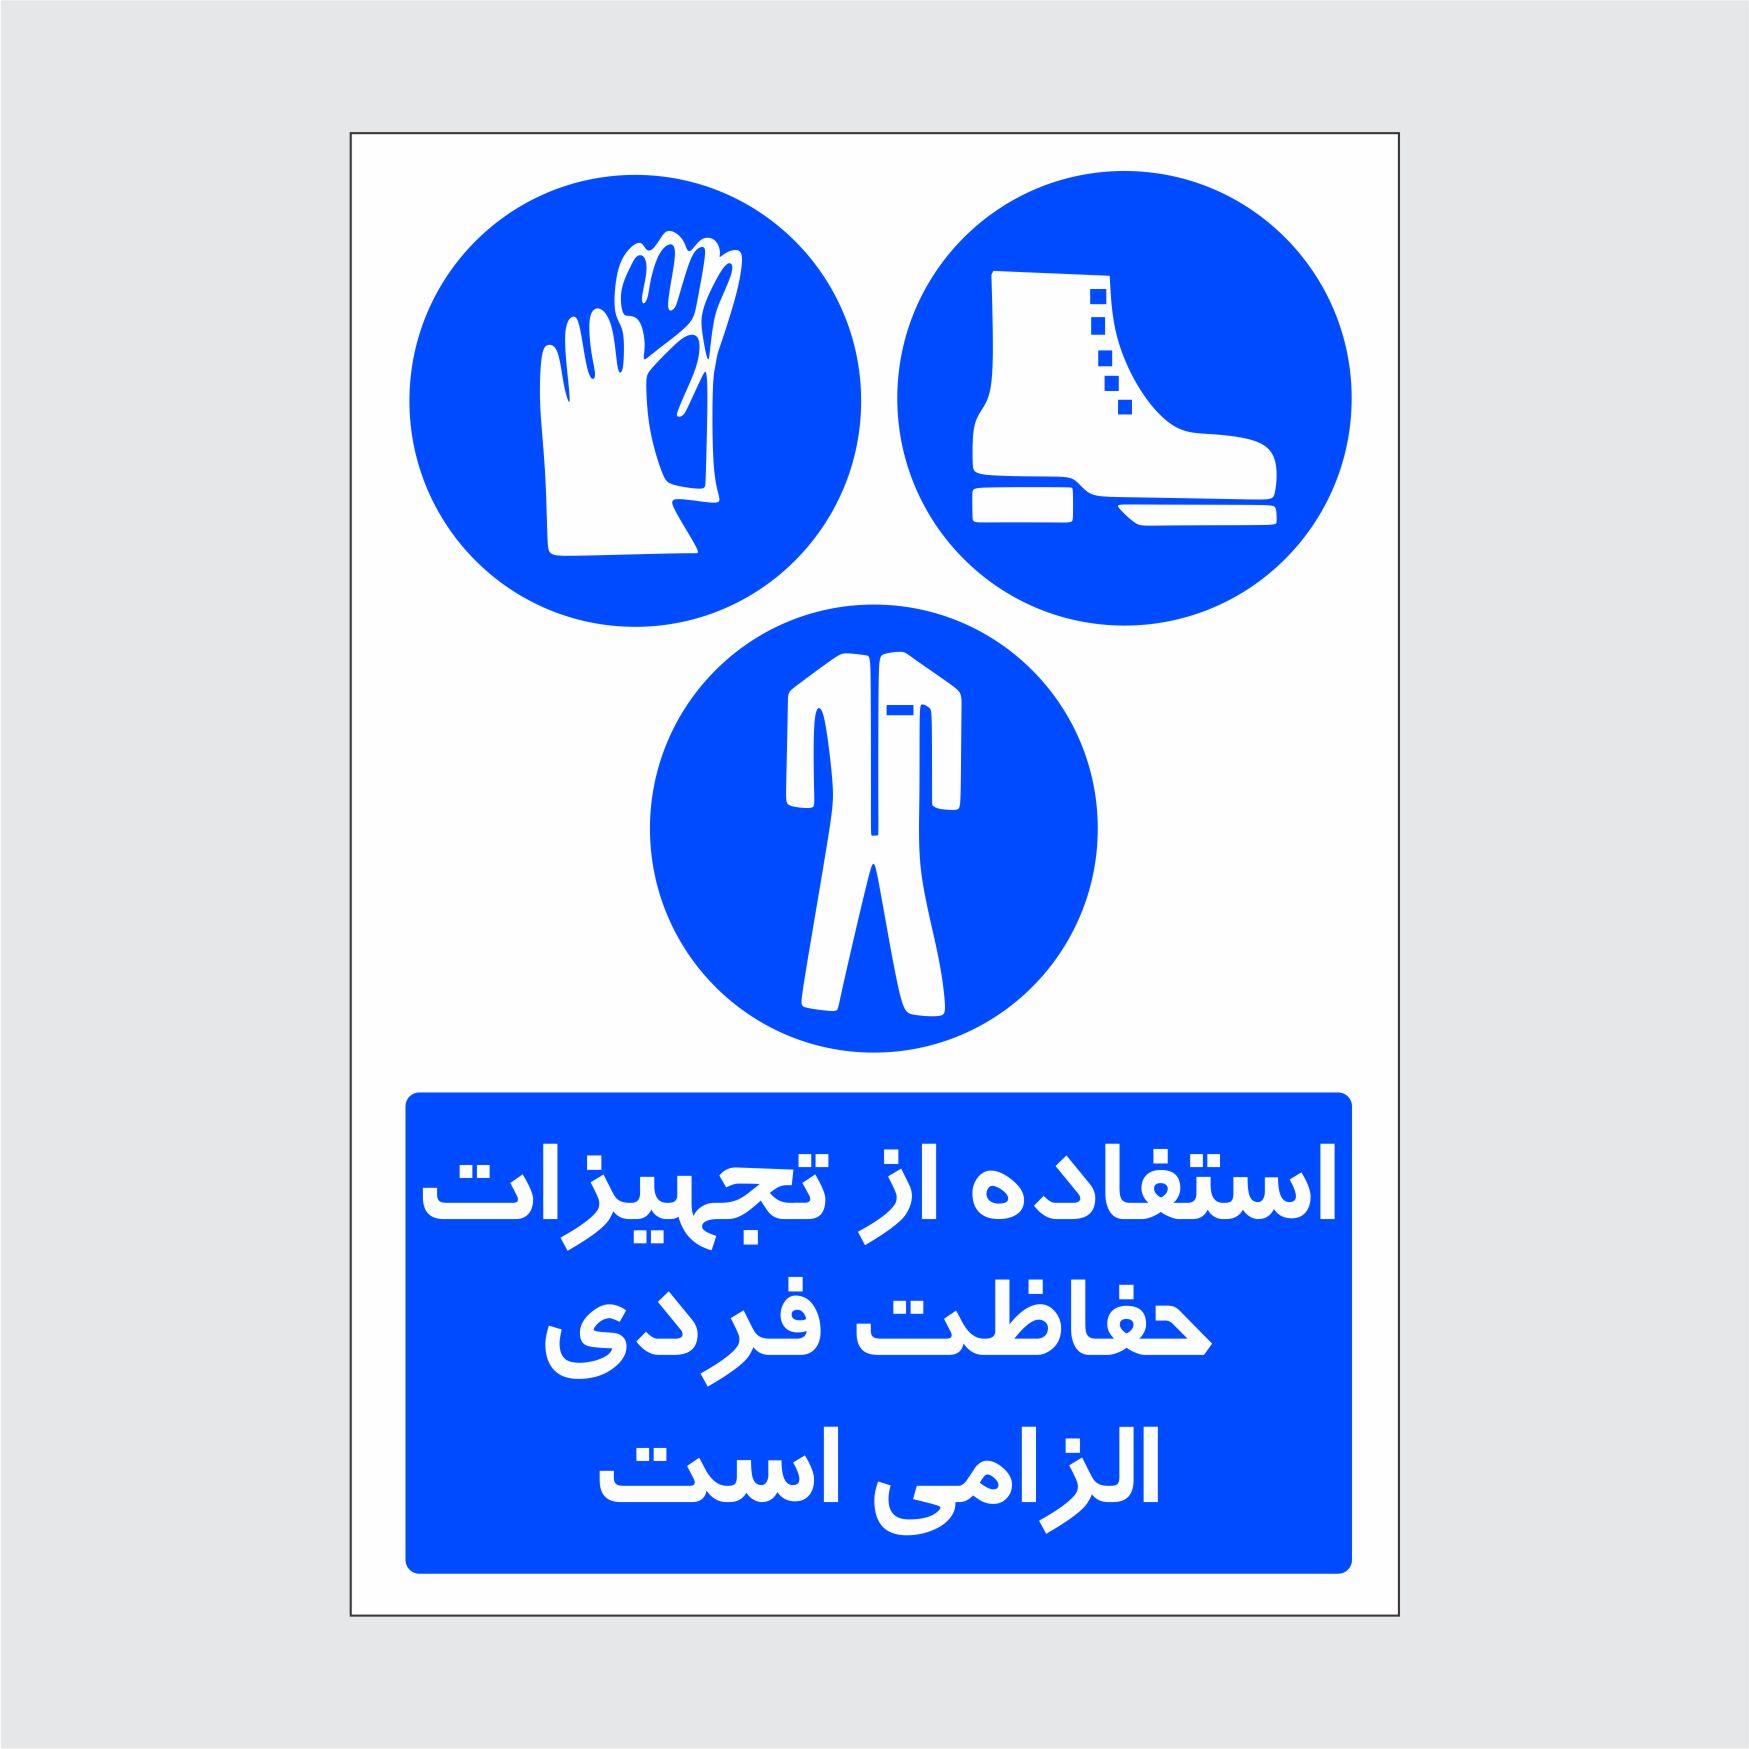 برچسب ایمنی طرح استفاده از تجهیزات حفاظت فردی الزامی است